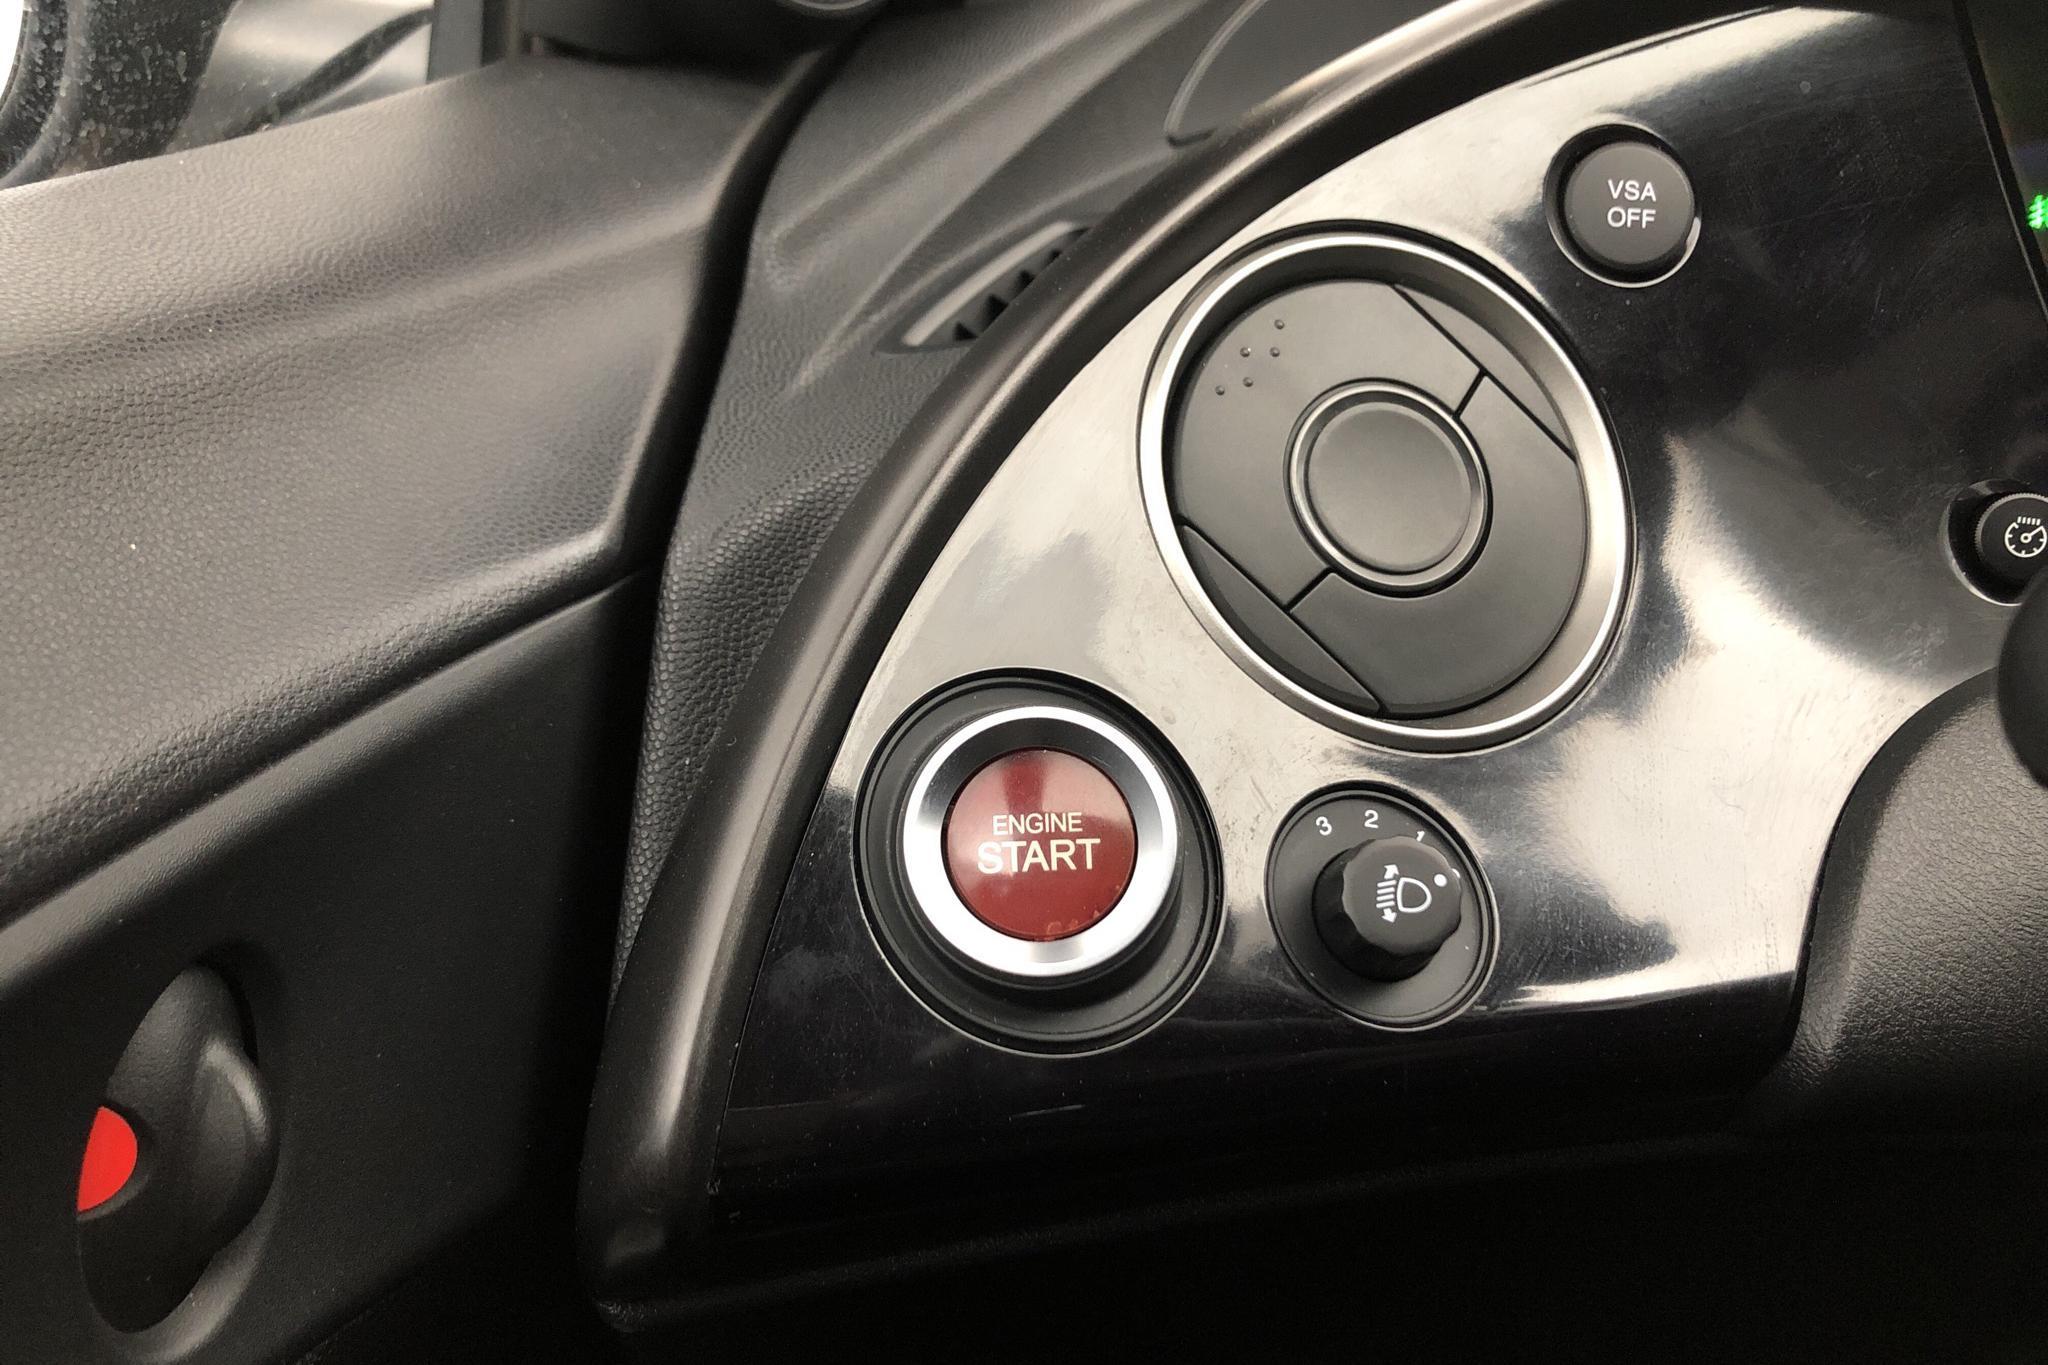 Honda Civic 1.8 5dr (140hk) - 9 527 mil - Manuell - Dark Grey - 2007